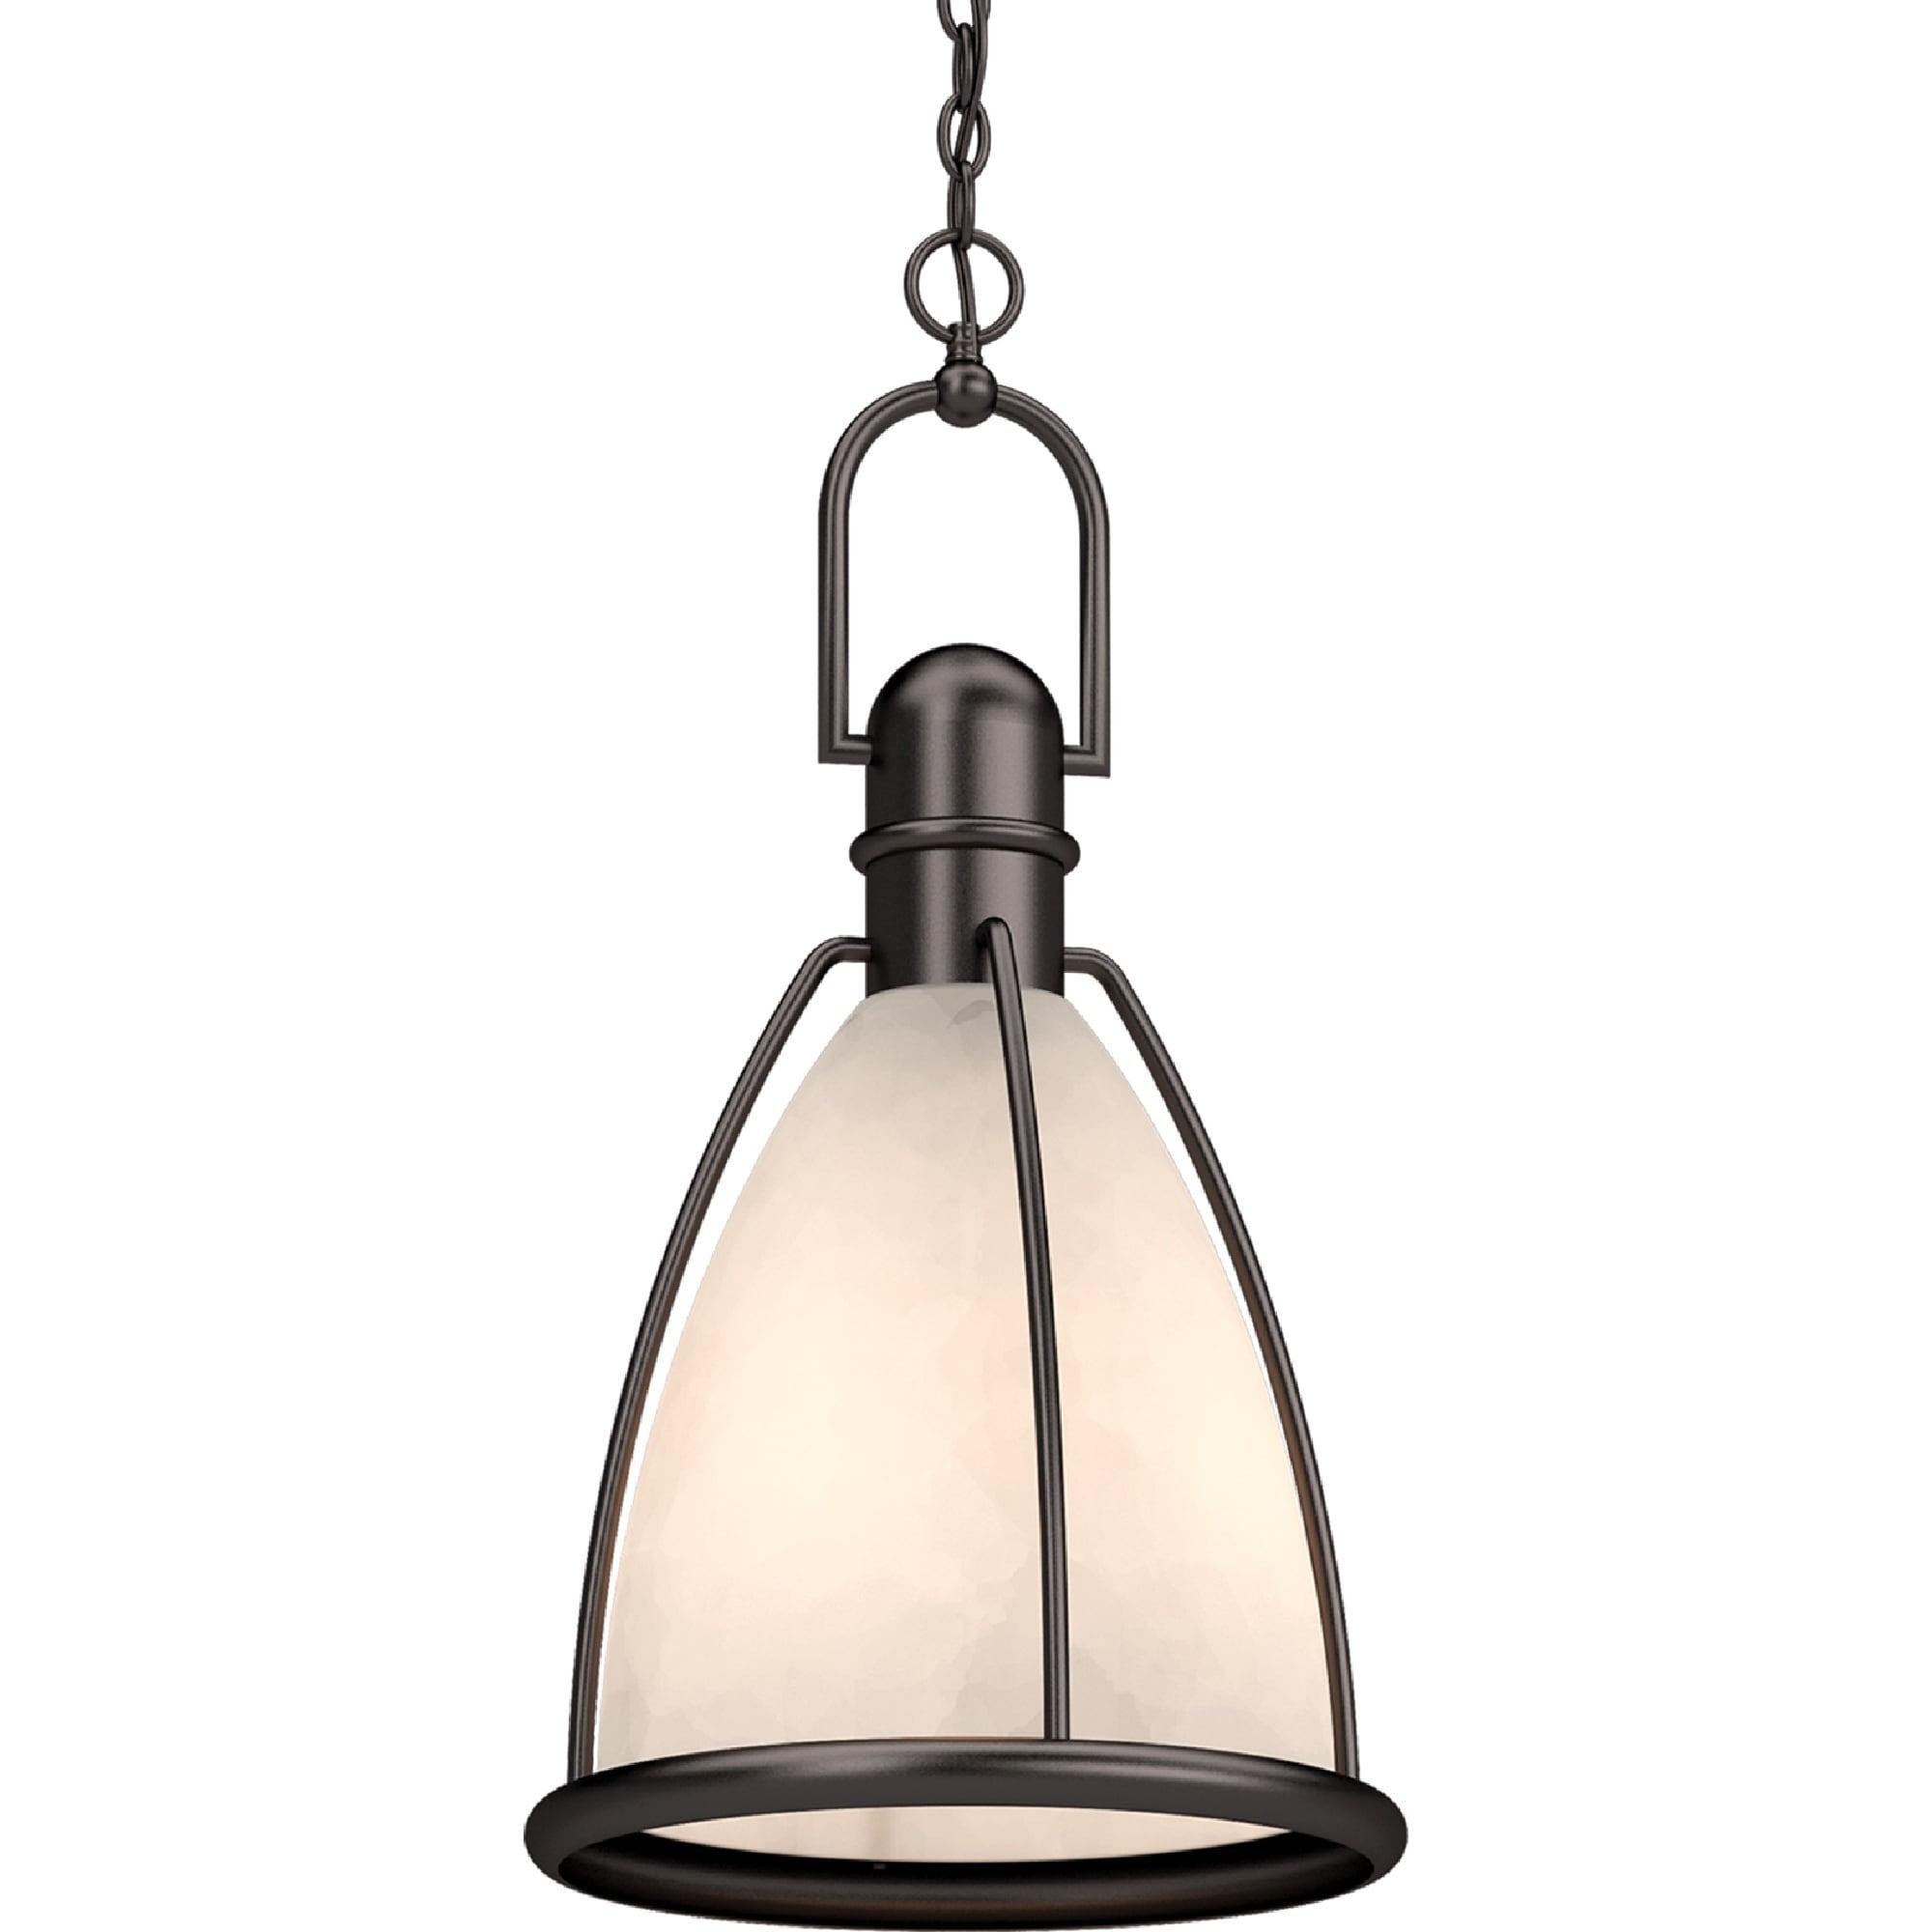 Image of: Shop Volume Lighting 1 Light Indoor Antique Bronze Lantern Hanging Pendant Overstock 30237252